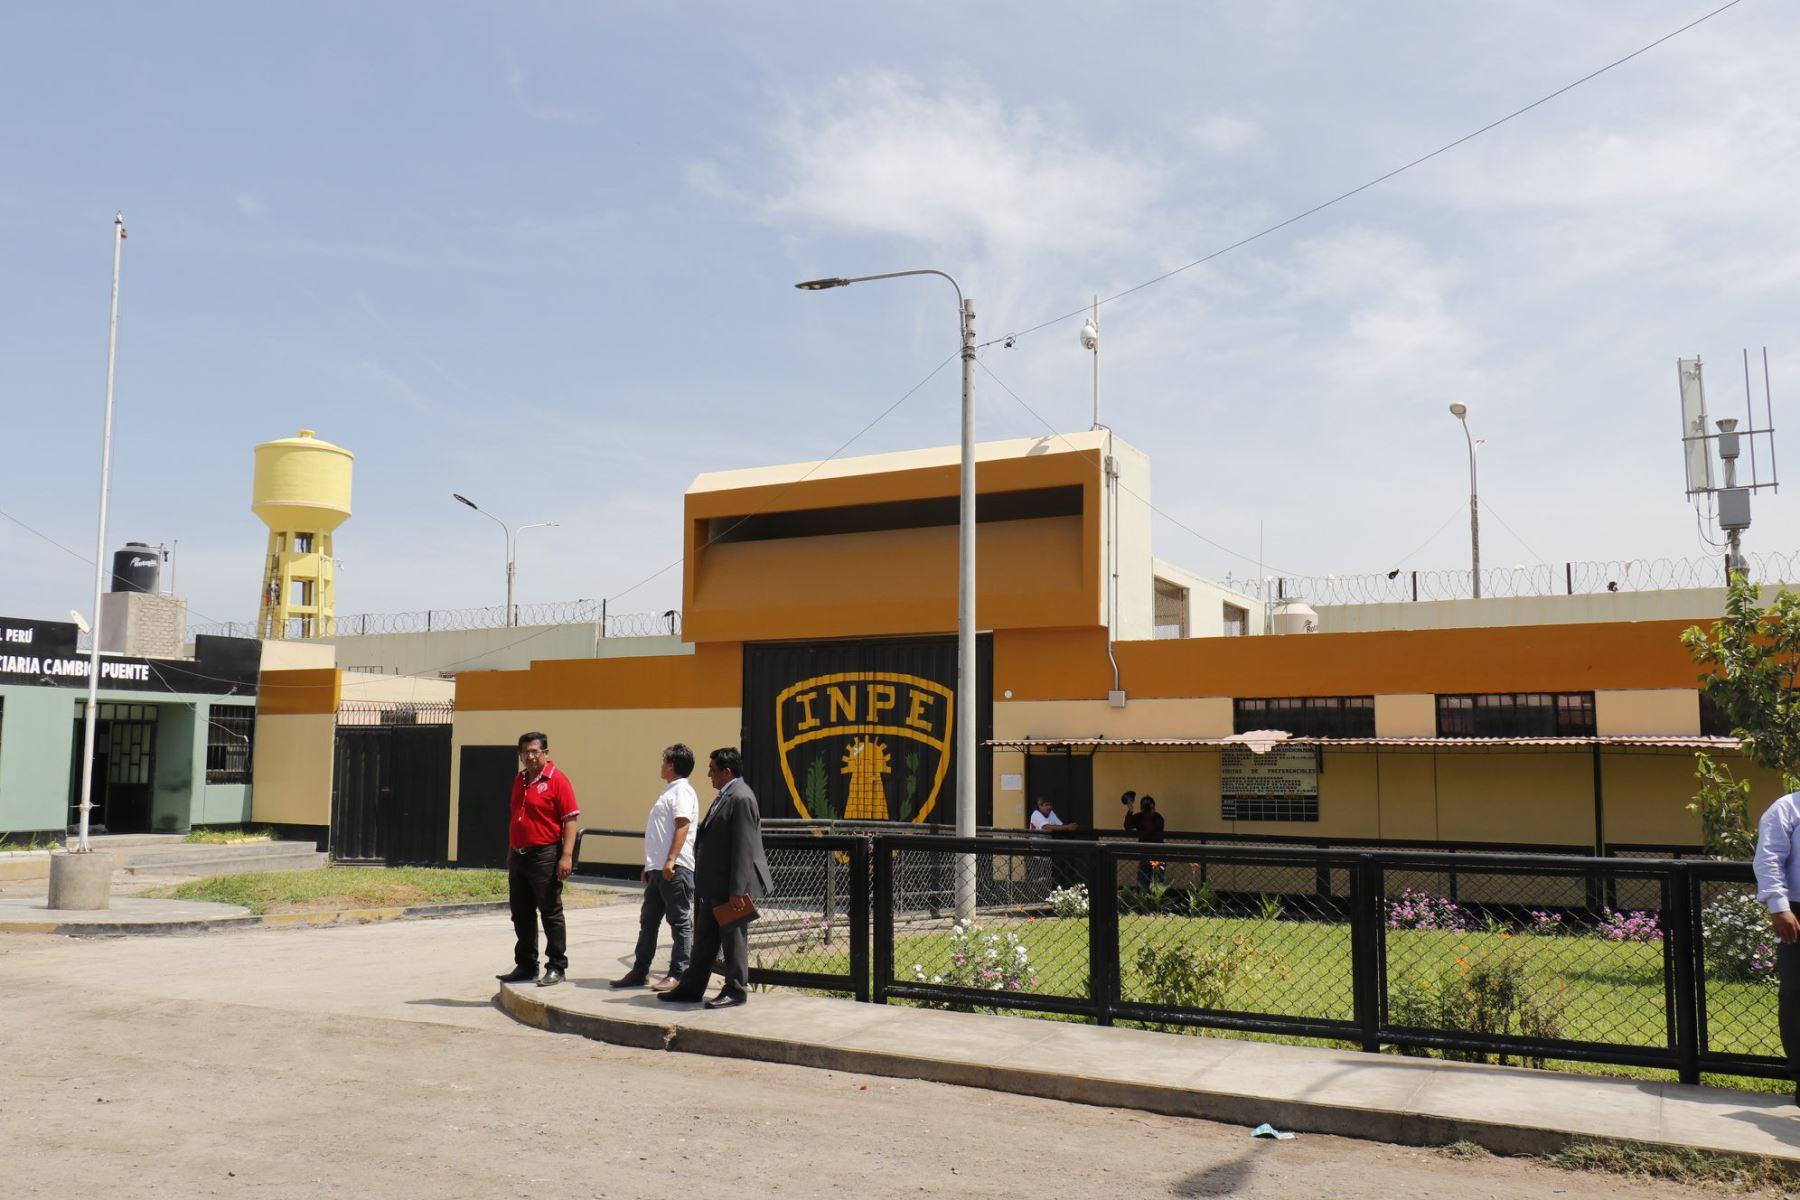 En el penal Cambio Puente (Áncash) purgará cadena perpetua José Eustaquio de los Santos Palacios (56) por el delito de abuso sexual en agravio de su sobrina nieta.